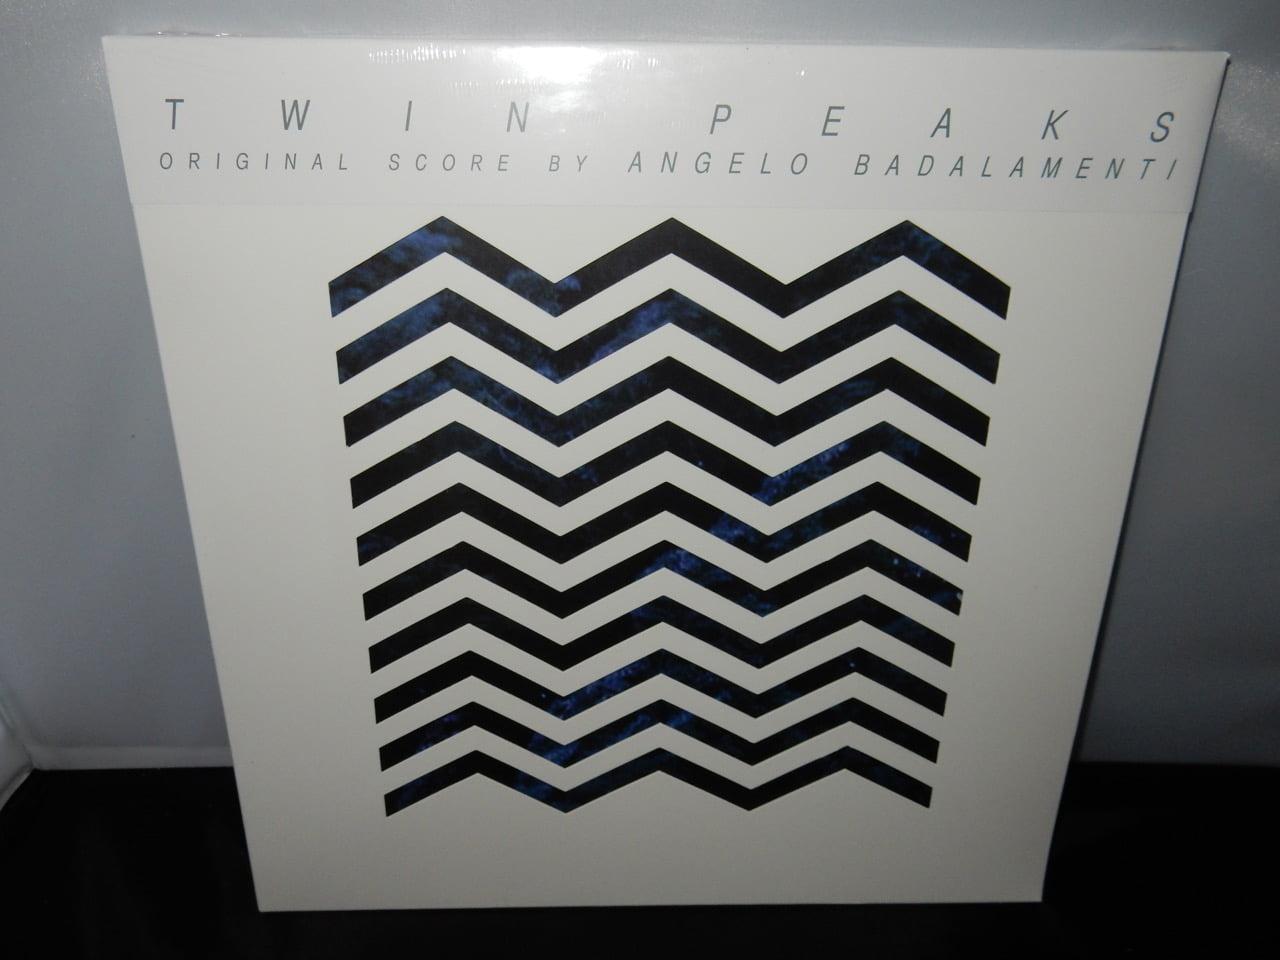 Twin Peaks Score